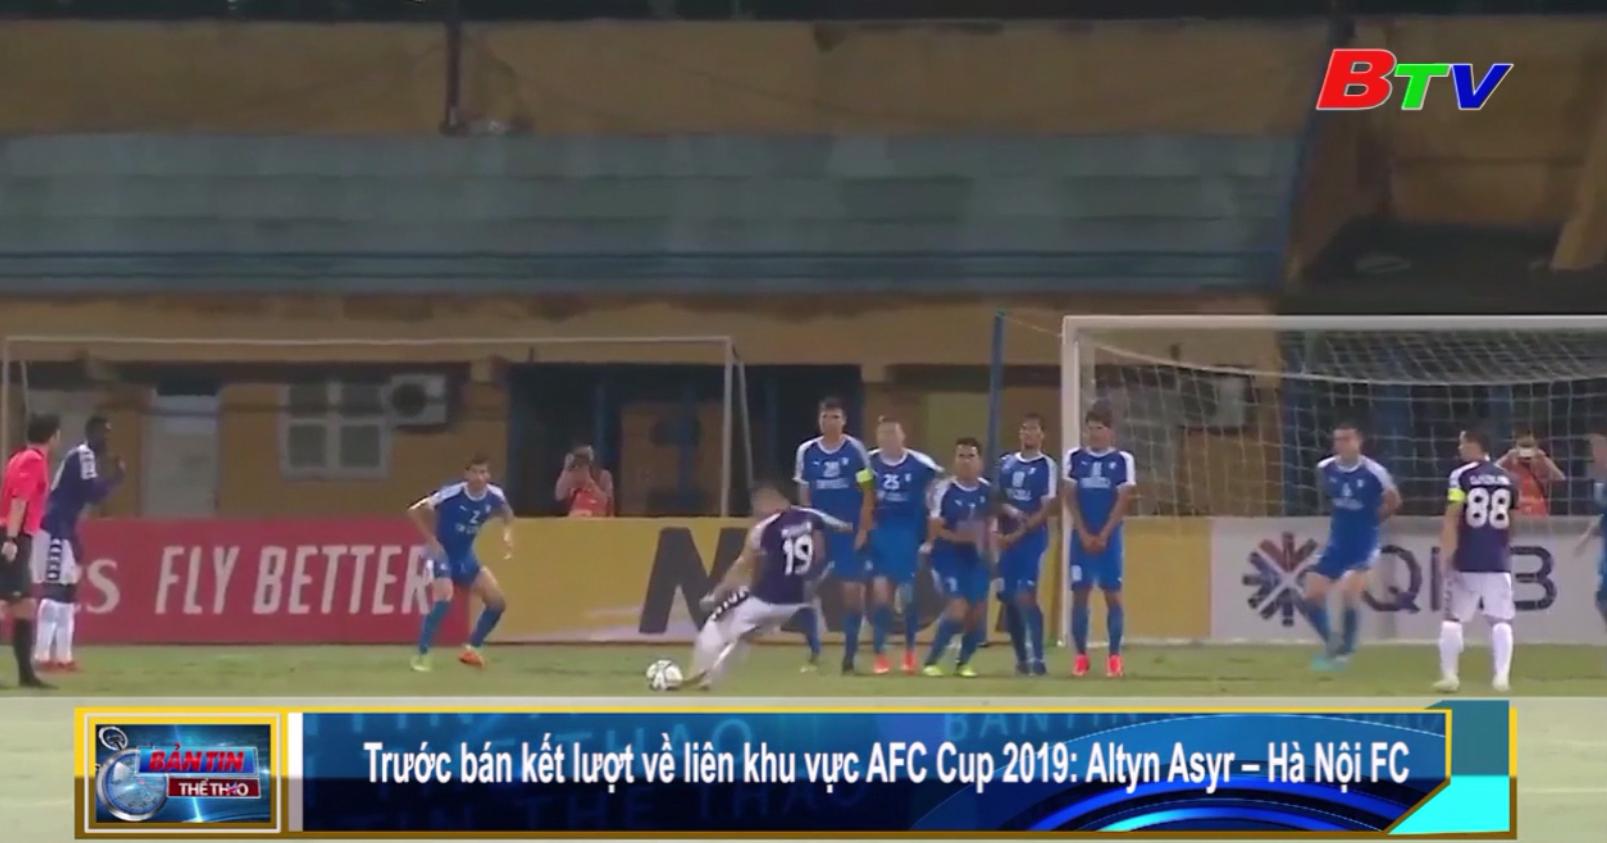 Trước bán kết lượt về liên khu vực AFC Cup 2019 (Altyn Asyr - Hà Nội FC)